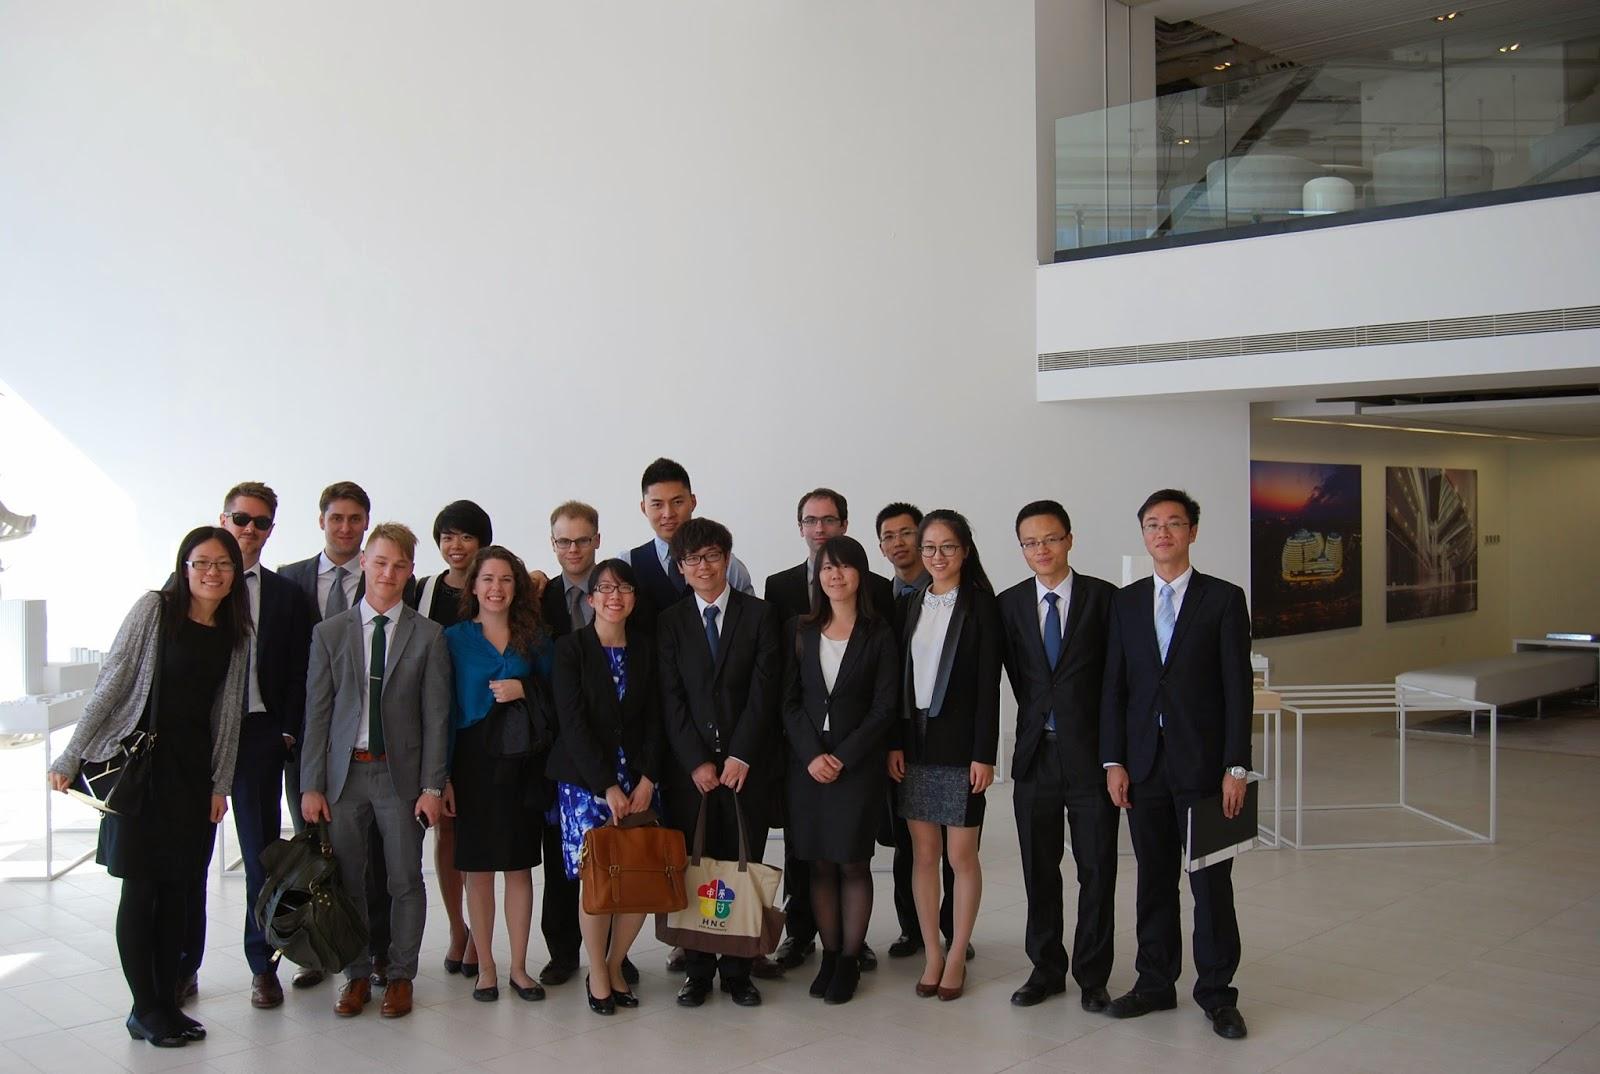 Hopkins-Nanjing Center Blog: HNC Students on Spring Break